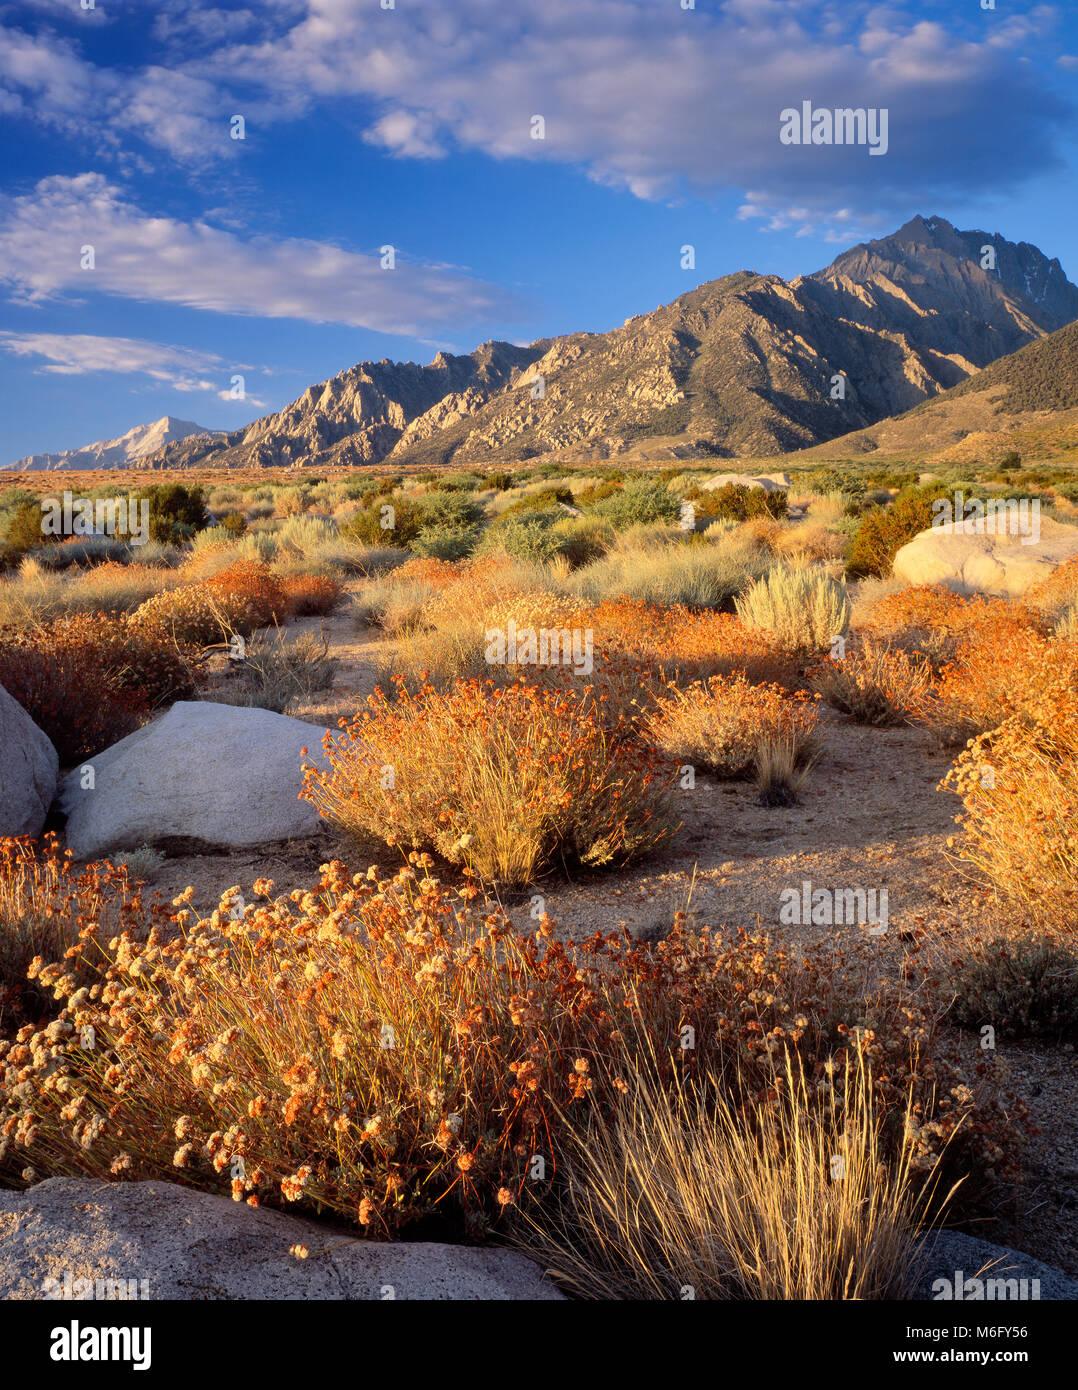 Sunrise, symmes Creek, Mount Williamson, Inyo National Forest, östlichen Sierra, Sierra Nevada, Kalifornien, Stockbild